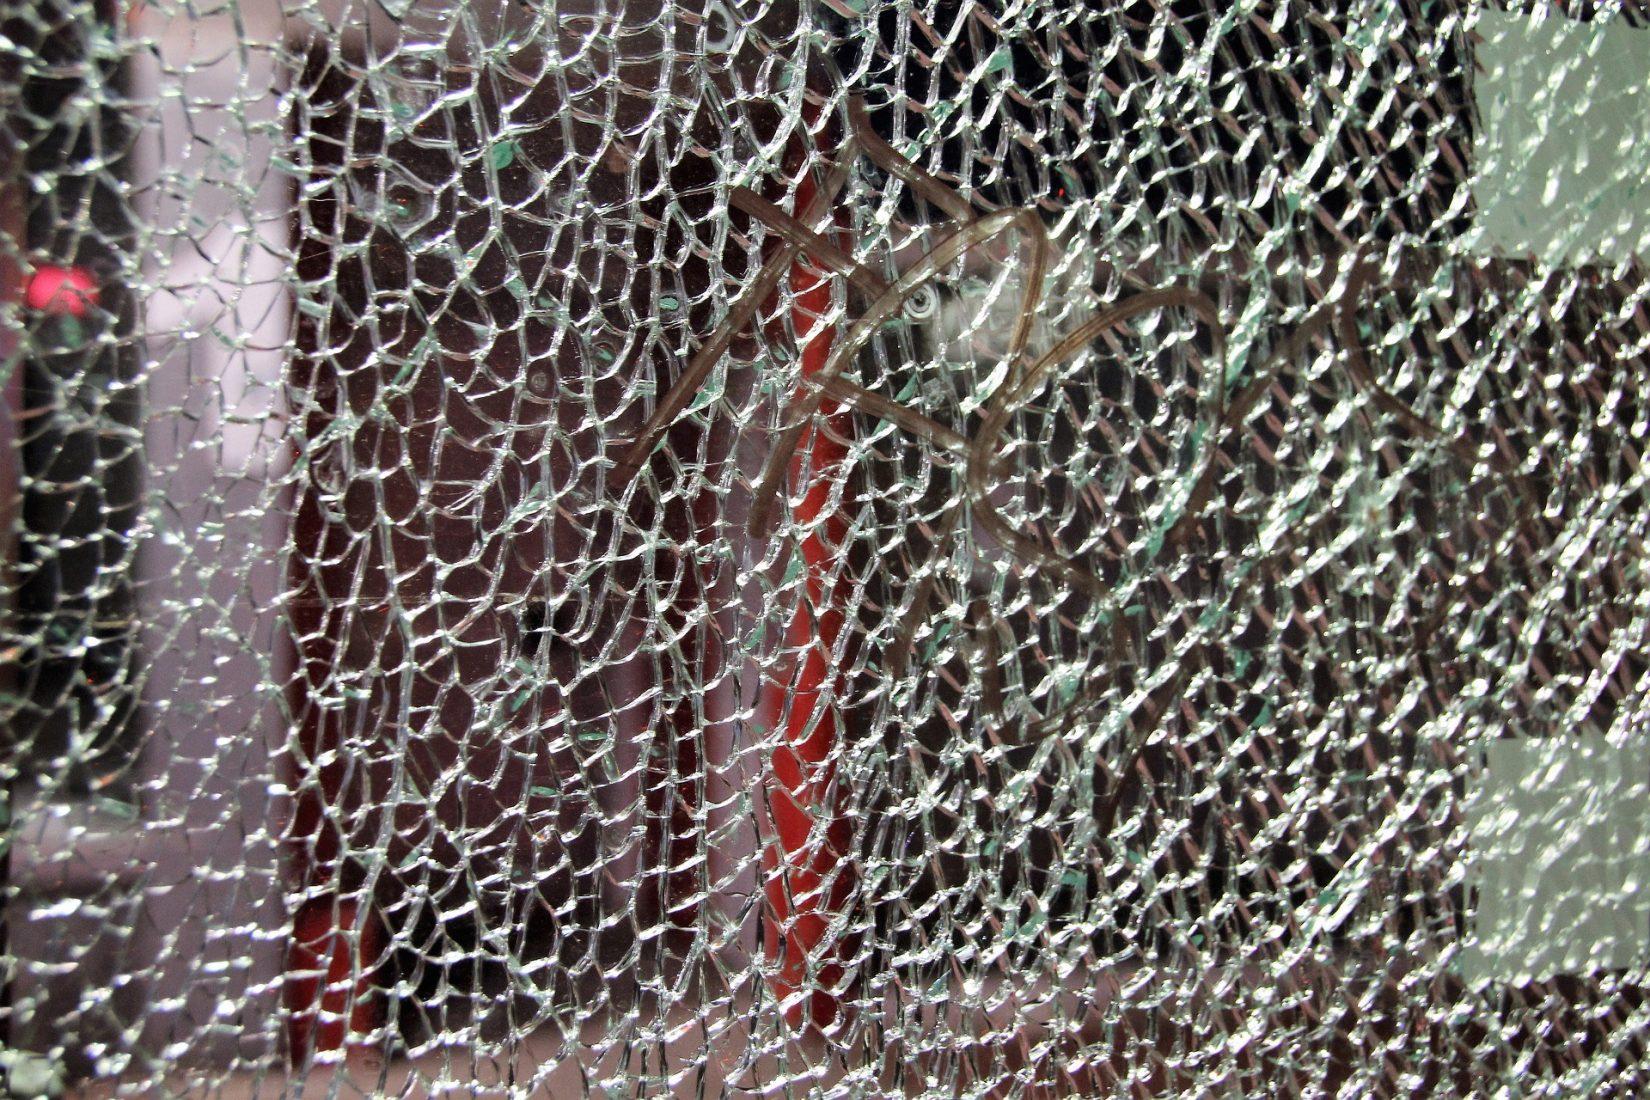 Bei Verbund-Sicherheitsgläsern sorgen reißfeste Folien dafür, dass die Scheibe auch nach Beschädigungen nicht auseinanderfällt. Foto: Pixabay